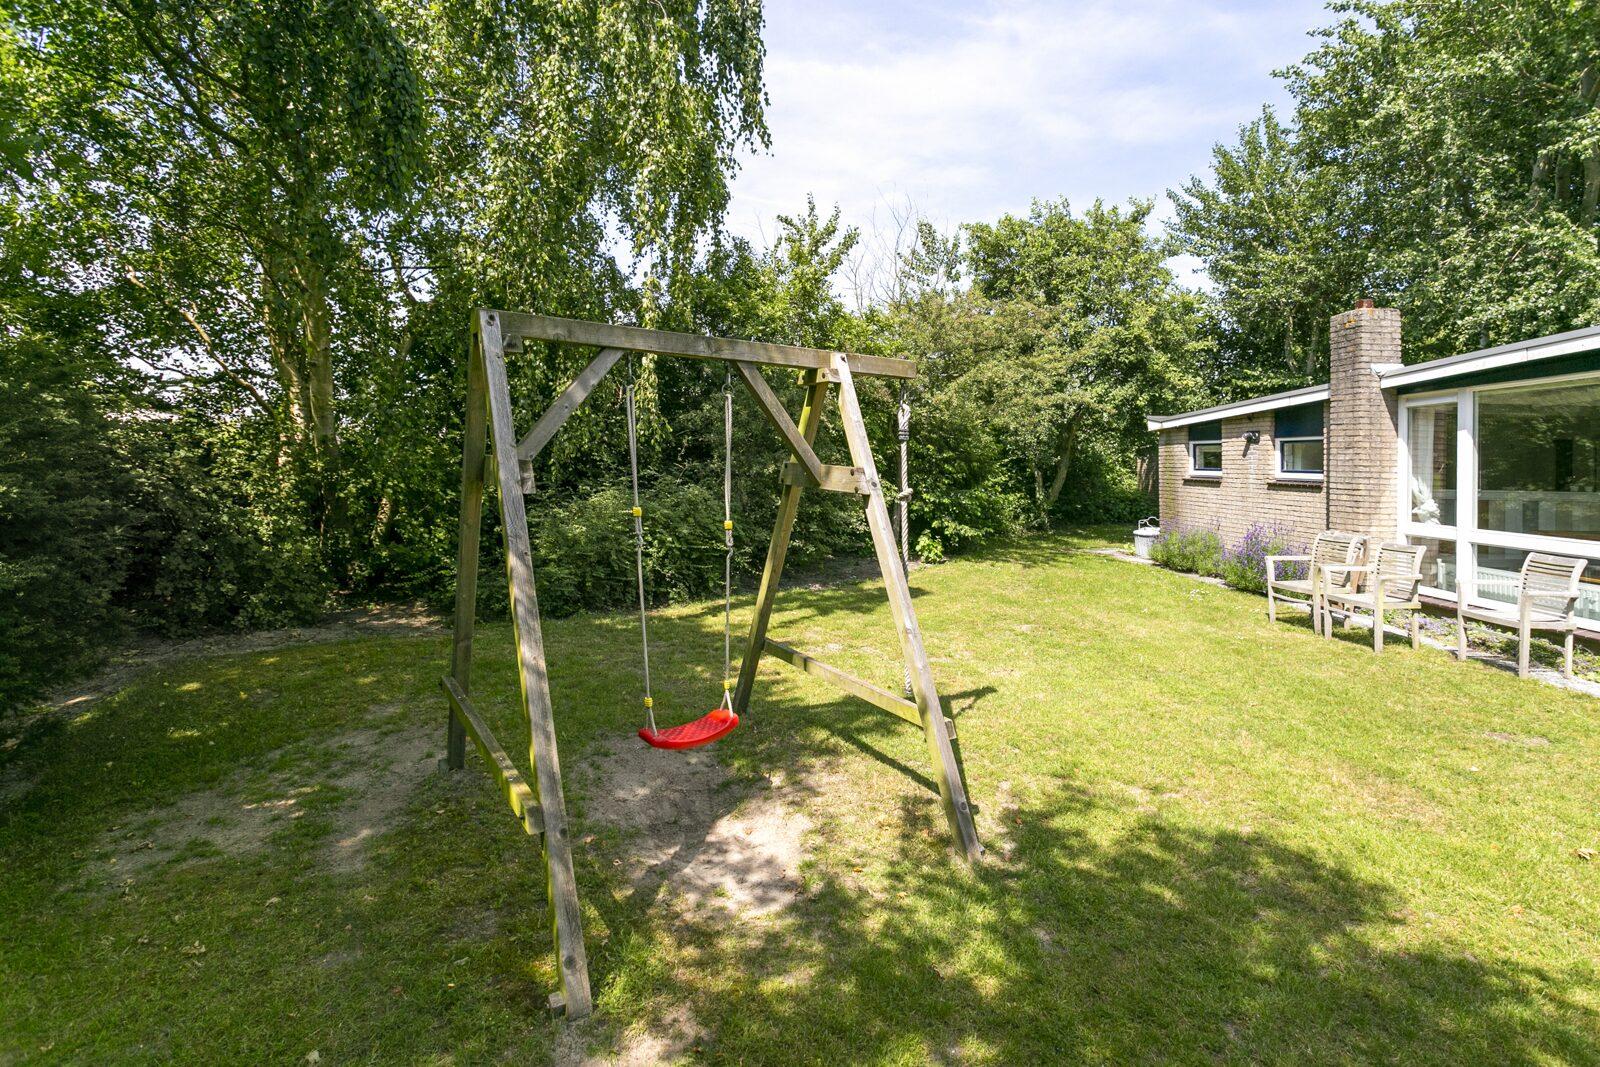 Prinsenhof 76 - Prinsenhof Ouddorp - Lekker Stekje